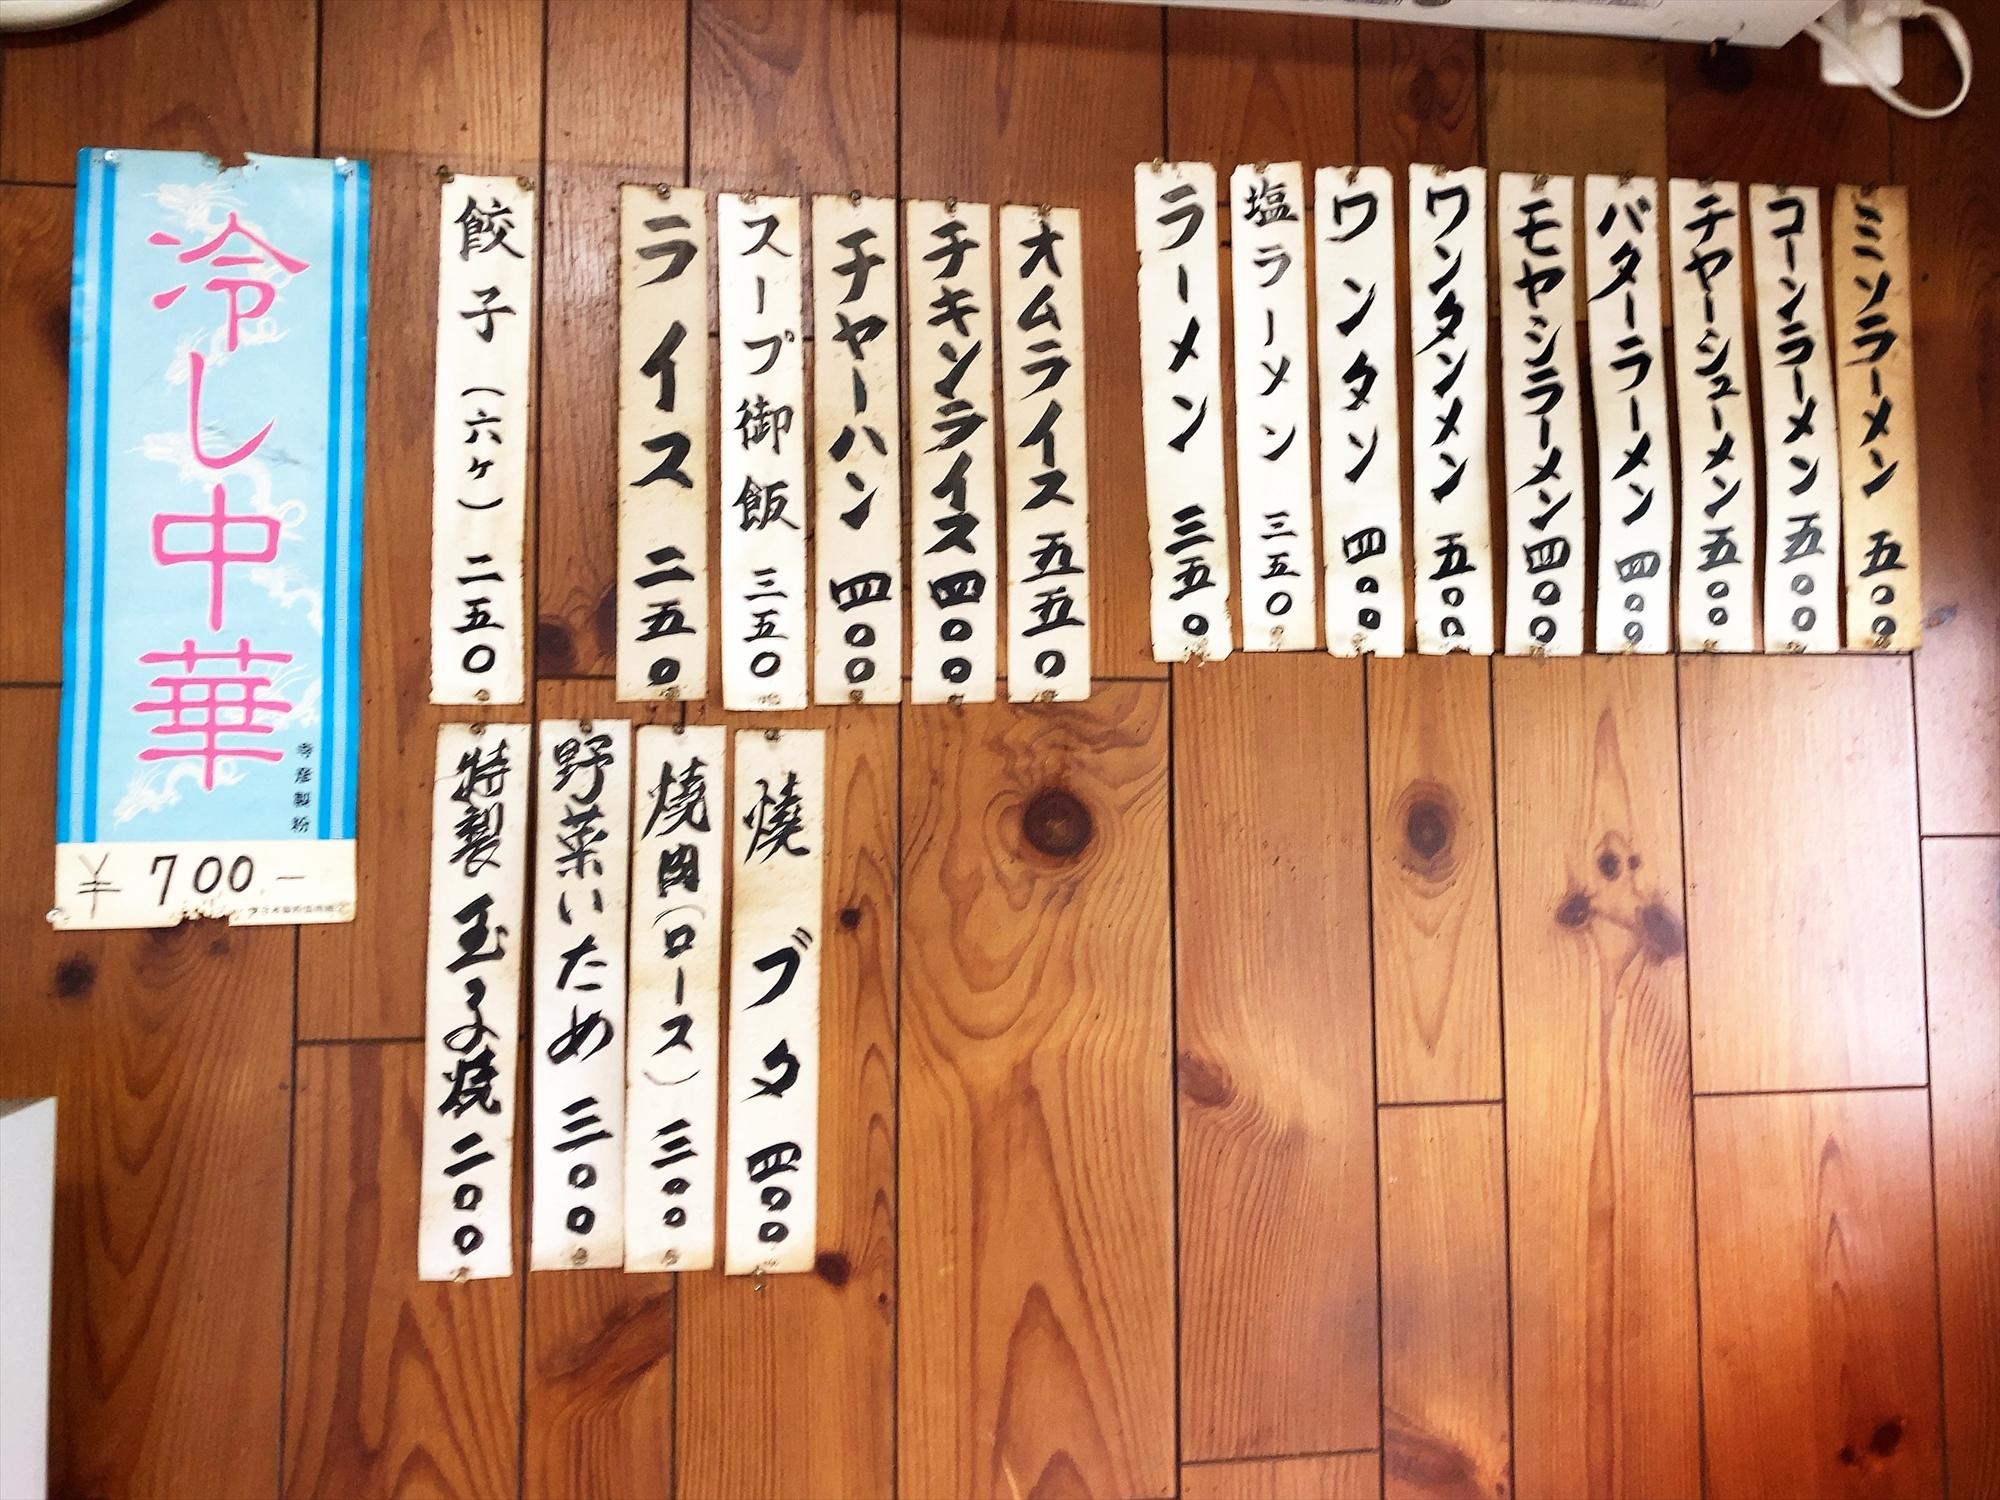 亀山屋のメニュー